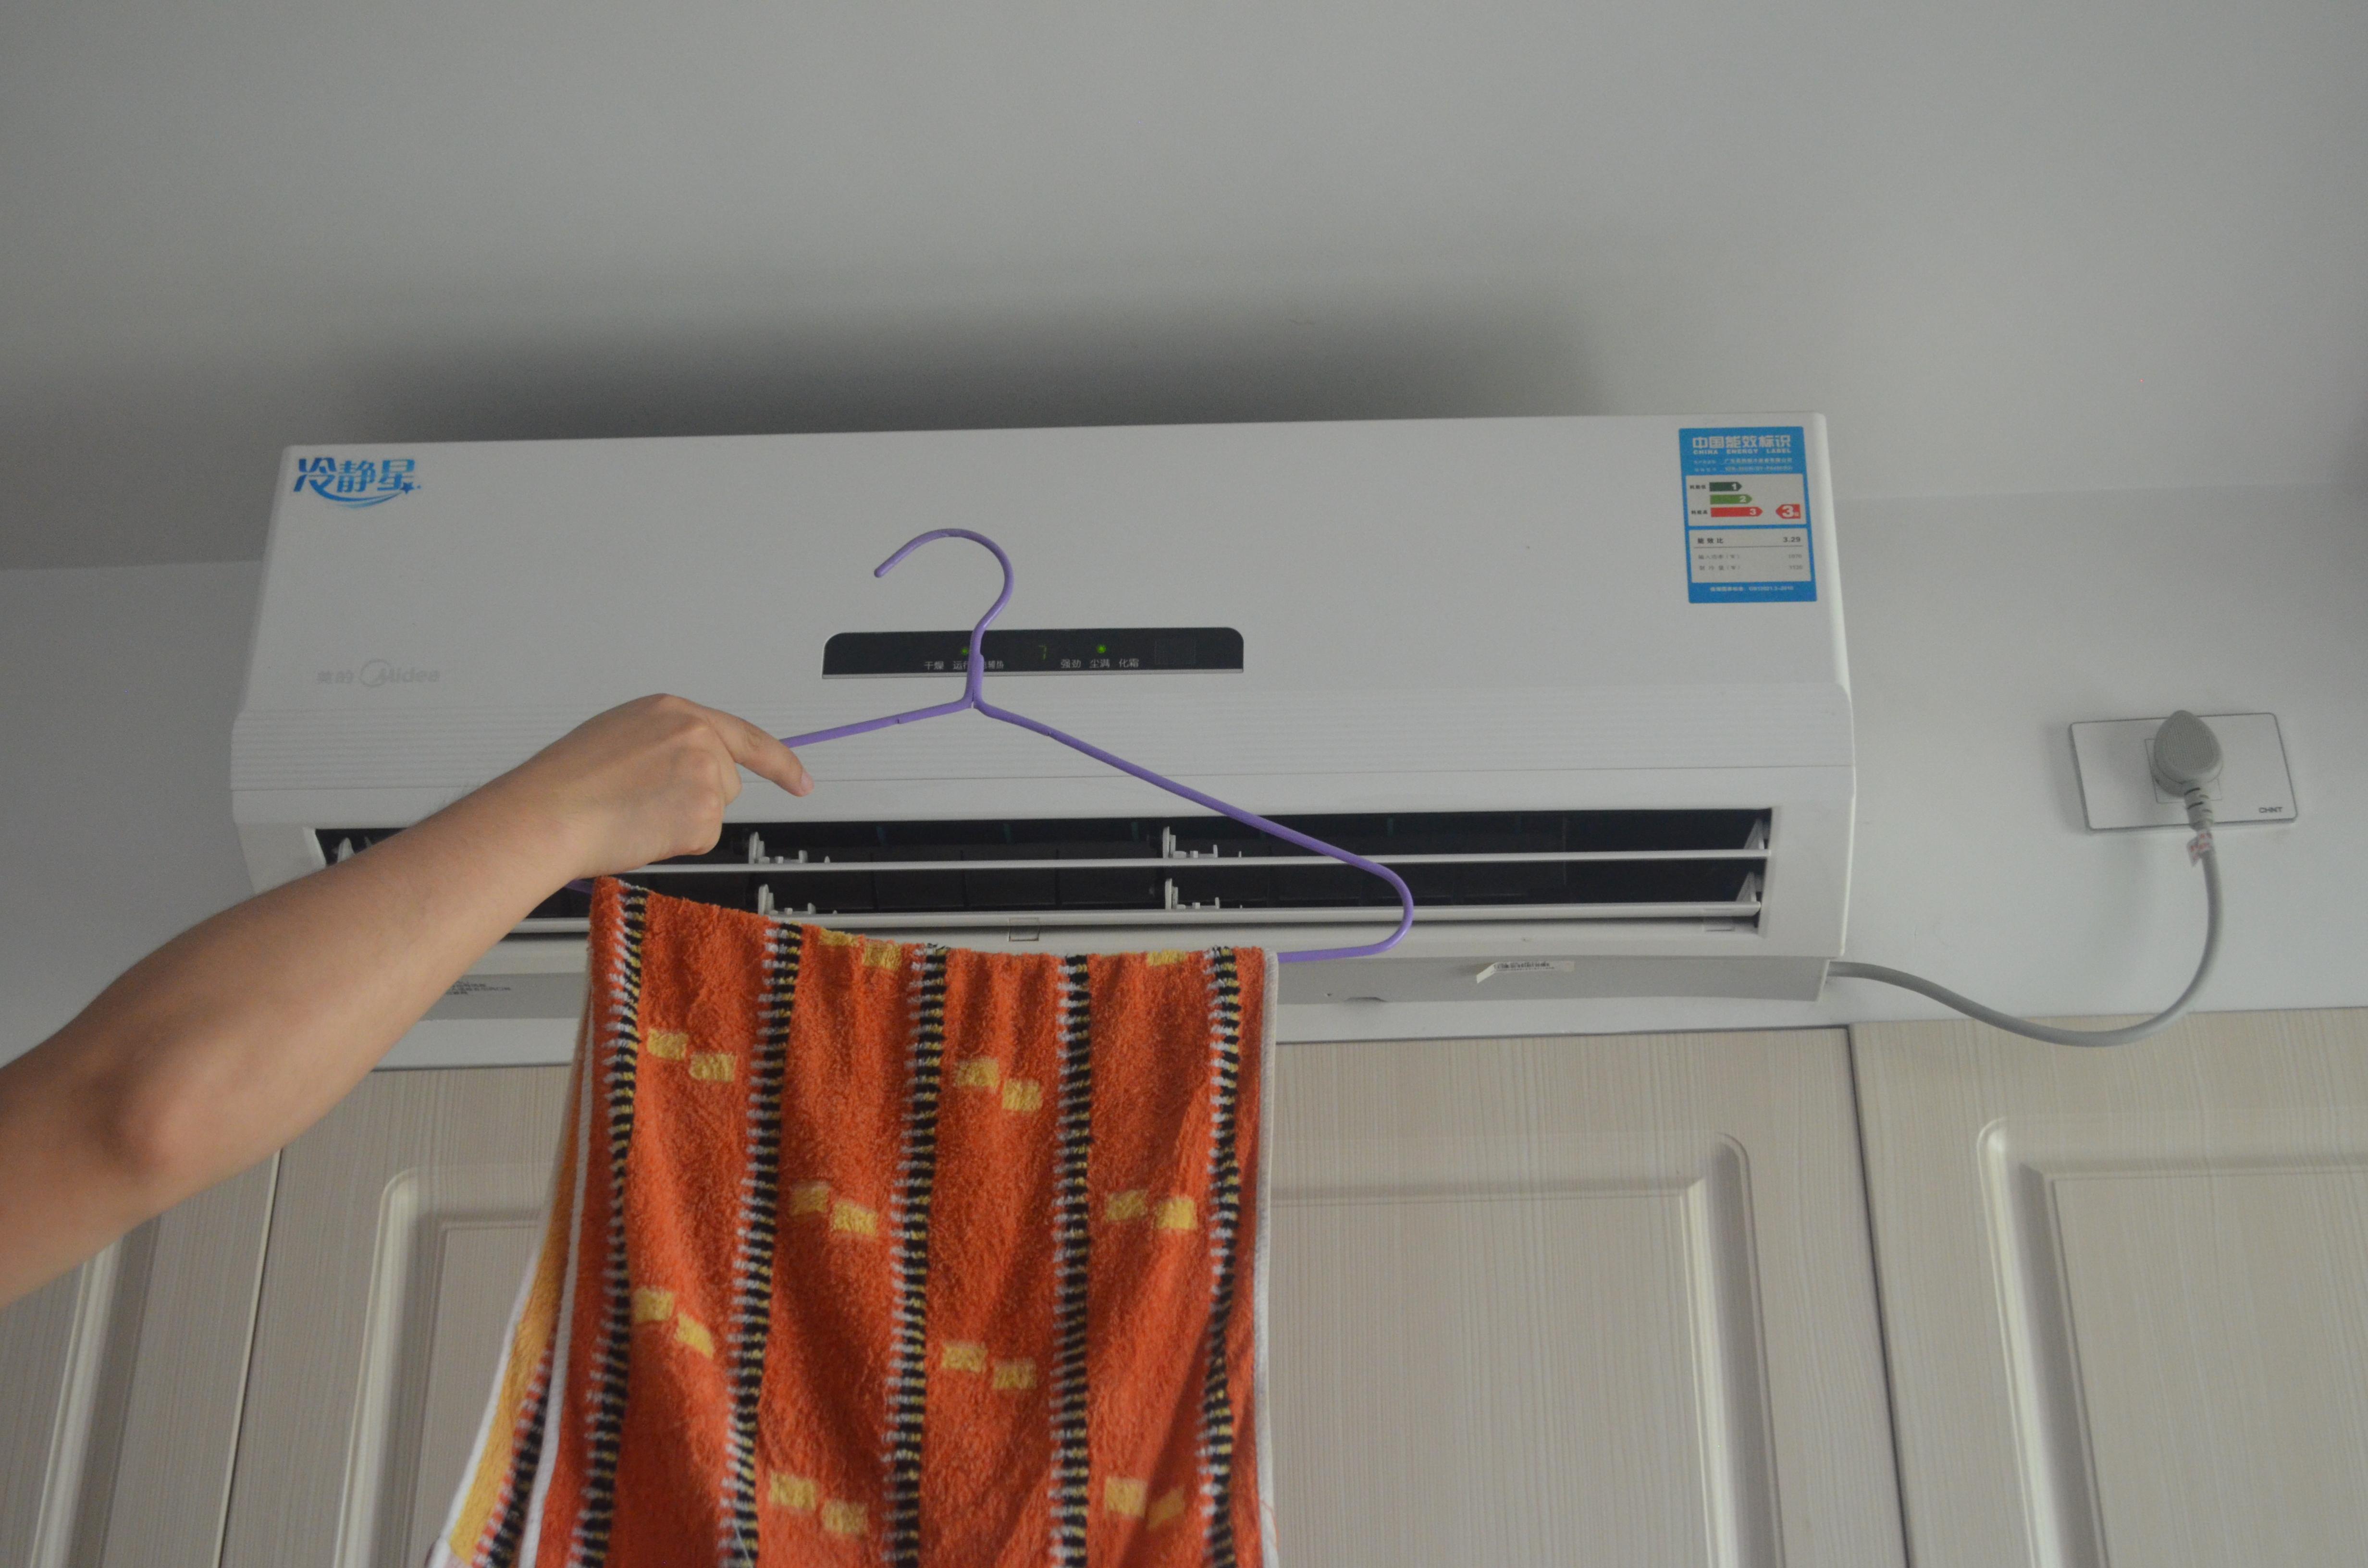 夏天开空调,记得在房间挂一条毛巾,作用大,知道的人还不多